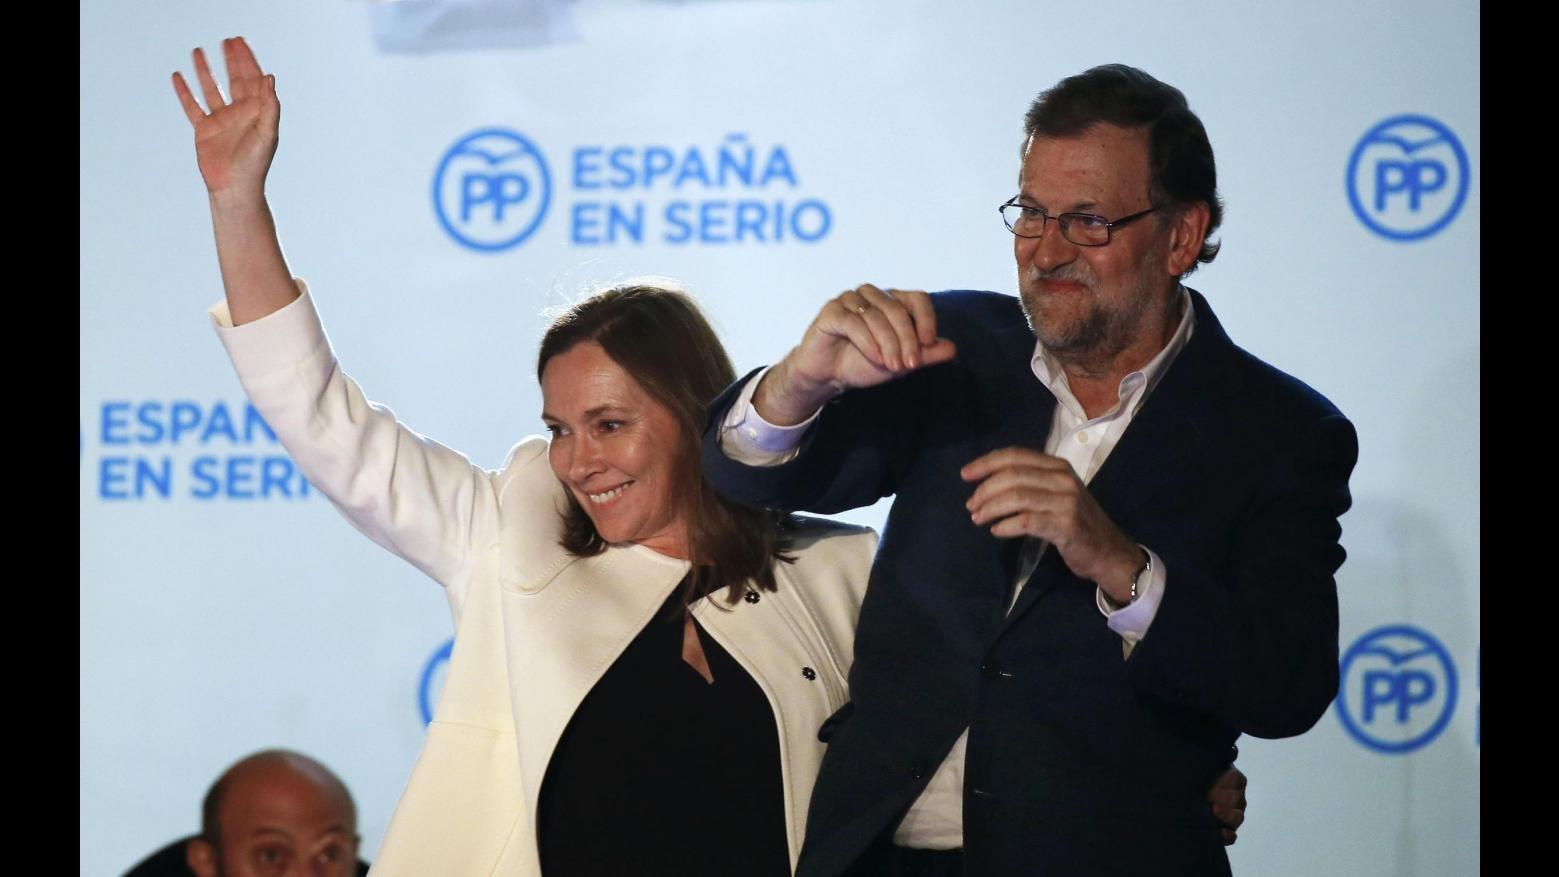 Spagna senza maggioranza: socialisti e Podemos dicono no a governo con Rajoy